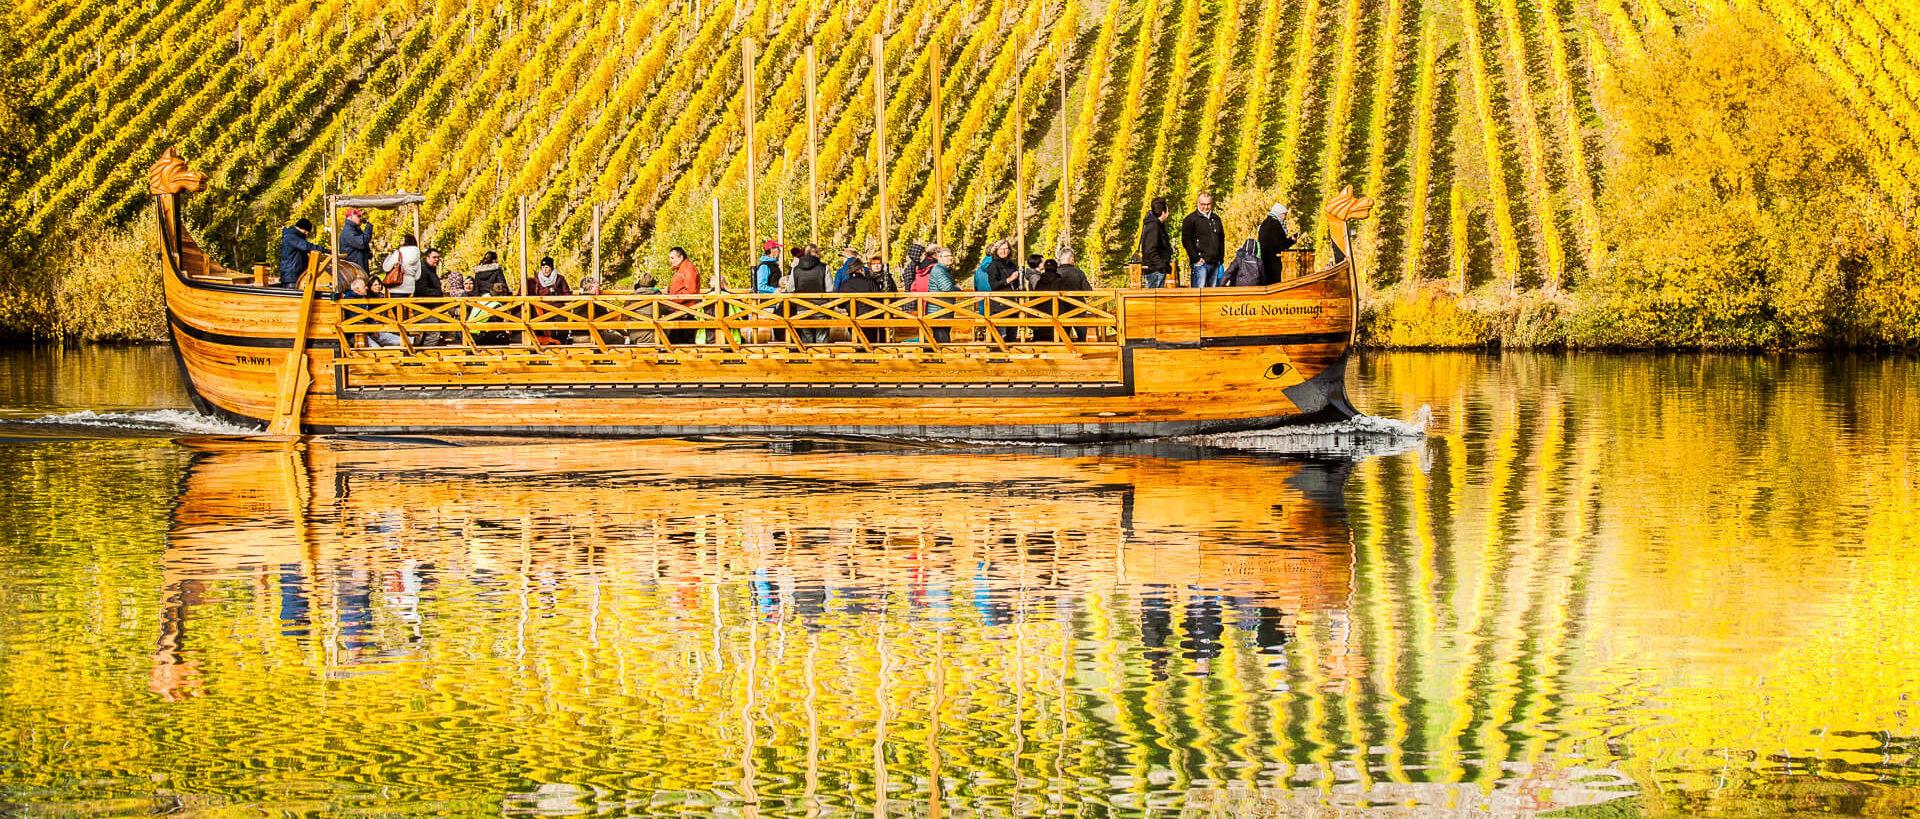 Römerweinschiff. Grabmal eines Weinhändlers aus römischer Zeit. Der Nachbau fährt heute für Gäste auf der Mosel.